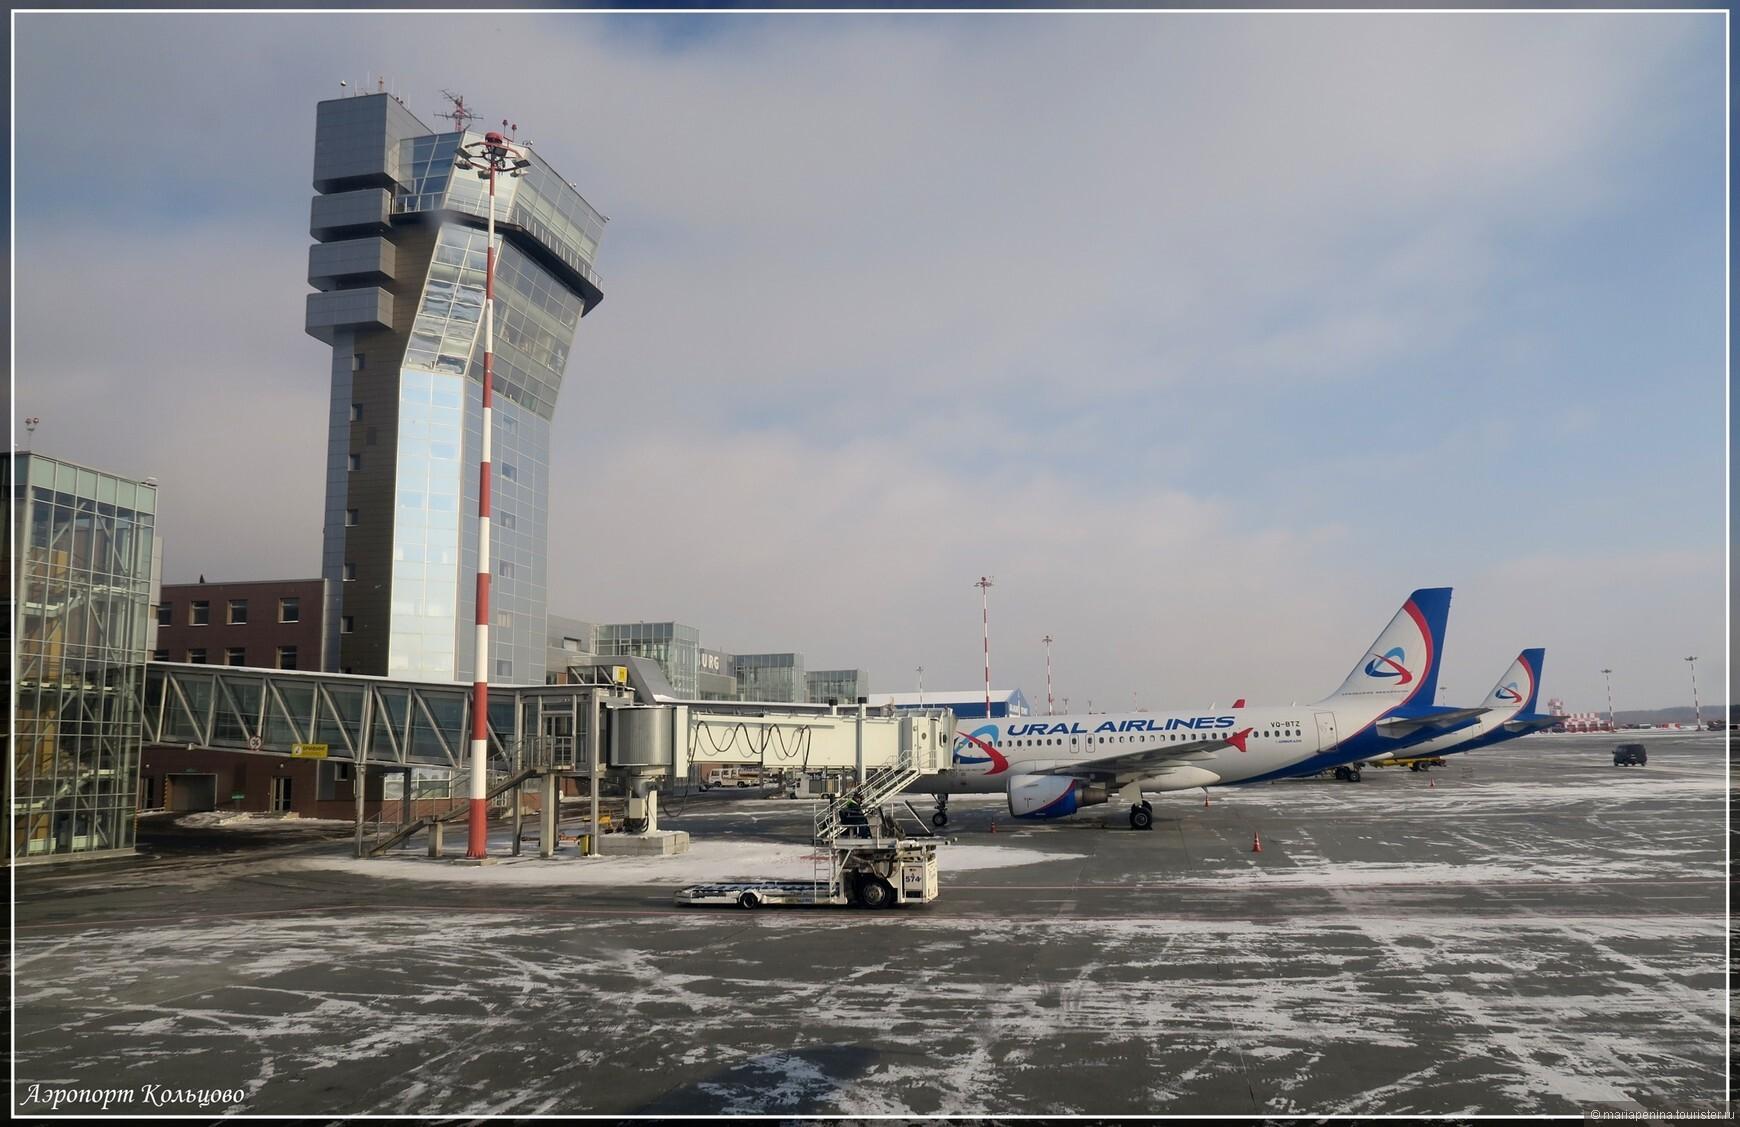 Как добраться от вокзала Екатеринбурга до аэропорта Кольцово